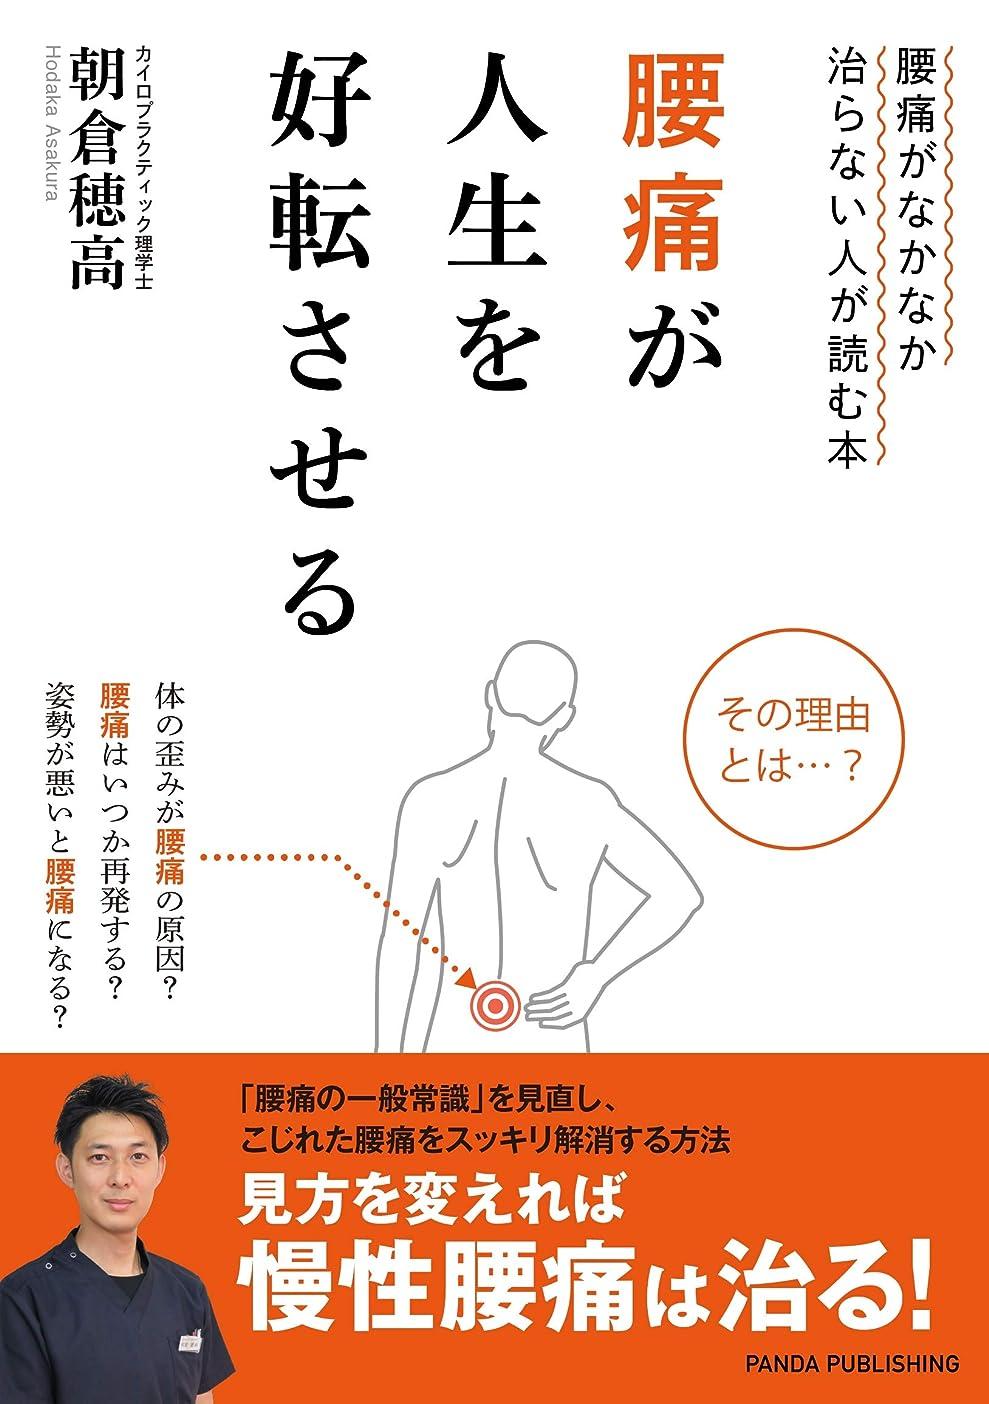 アクションスリルテザー腰痛が人生を好転させる: 腰痛がなかなか治らない人が読む本